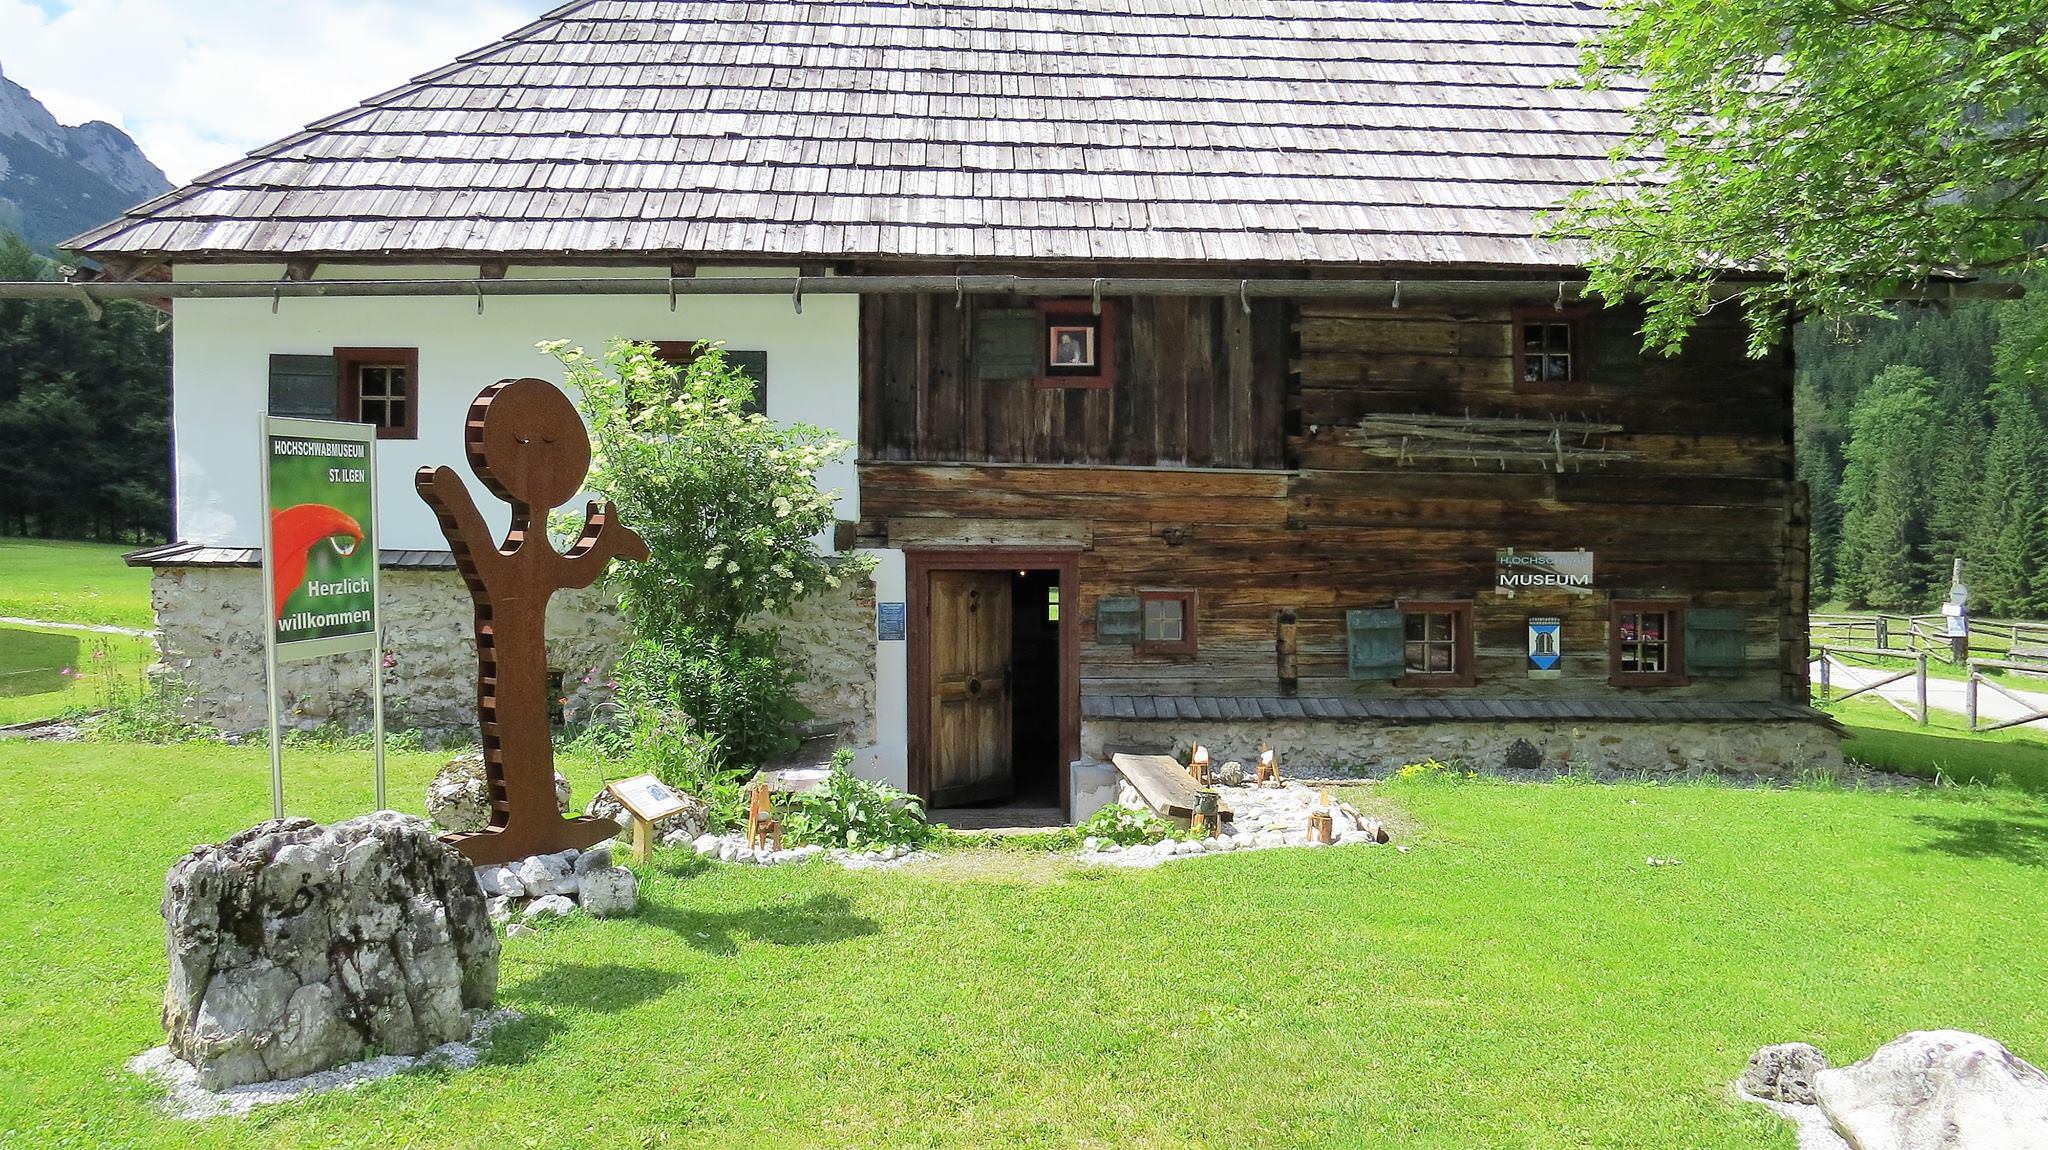 fachliche Ausstellungsleitung, Konzeption & Ausstellungsgestaltung: Hochschwabmuseum [SINNESschatz]